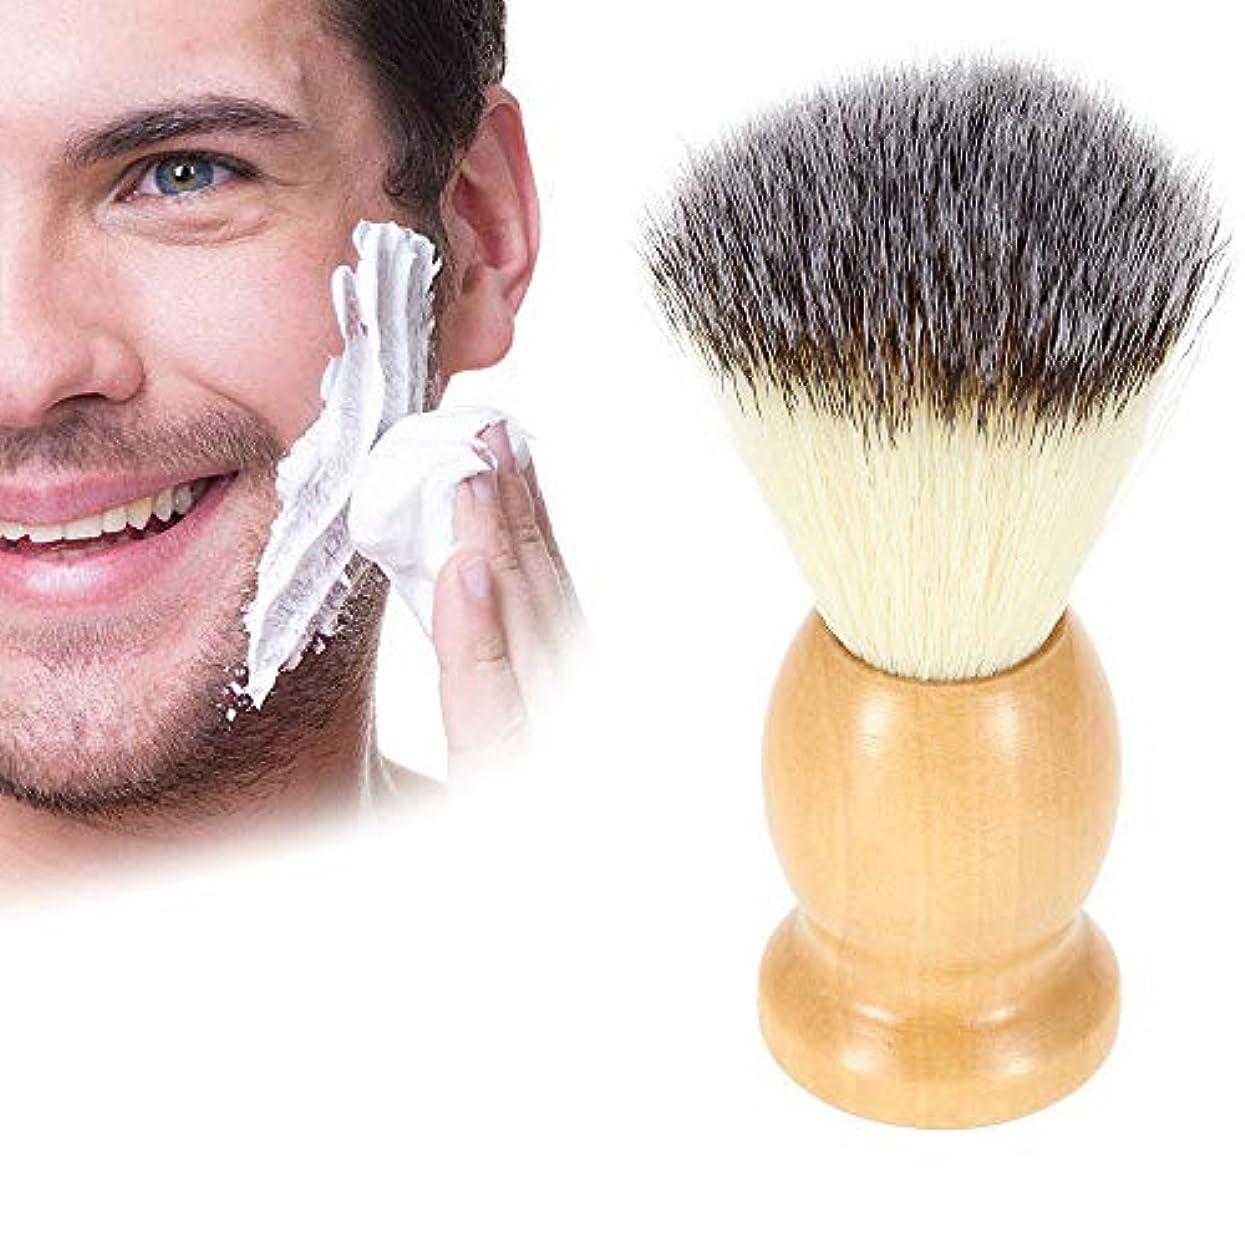 シフトパキスタン人物足りないButokal ナイロンひげブラシ メンズ用ブラシ 木製ハンドルシェービングブラシ 泡立ち ひげブラシ 理容 洗顔 髭剃り ご主人 ボーイフレンド 友人 にプレゼント シェービング用アクセサリー